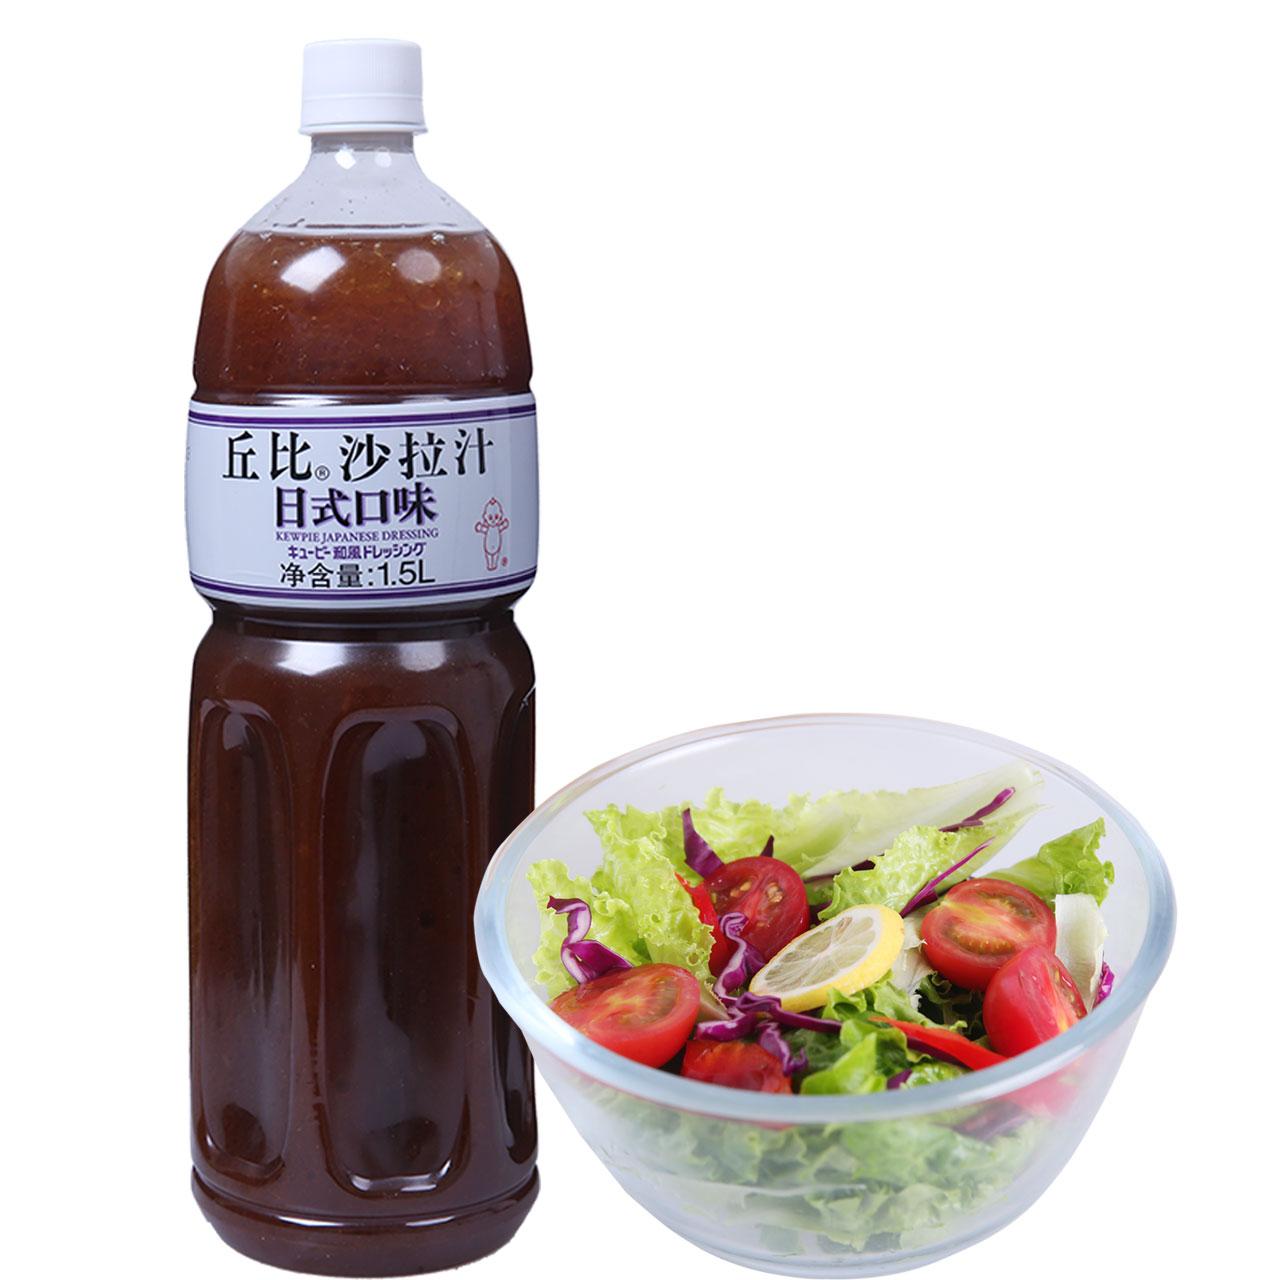 Куппи Салат 1.5L Японский стиль Vinaigrette Овощные фрукты и ветряные салаты Салат из салата